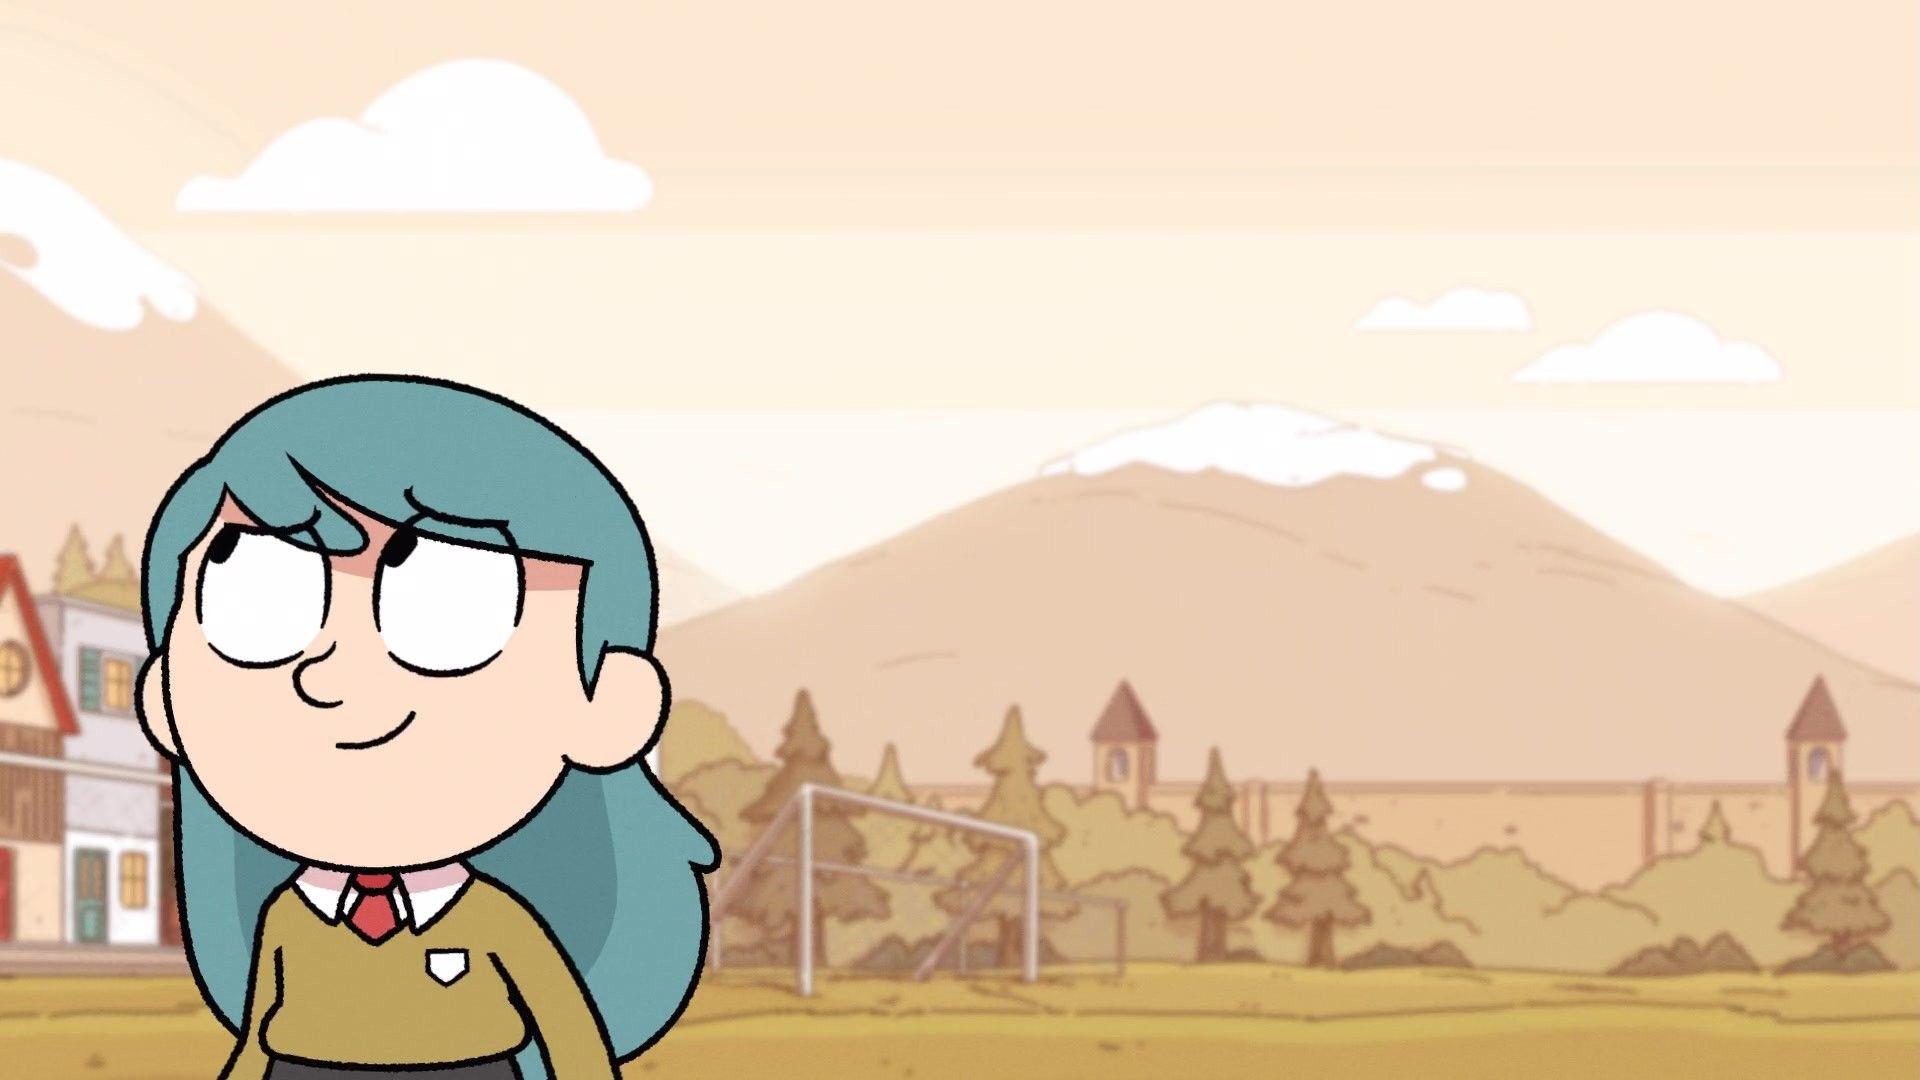 Pin on Hilda